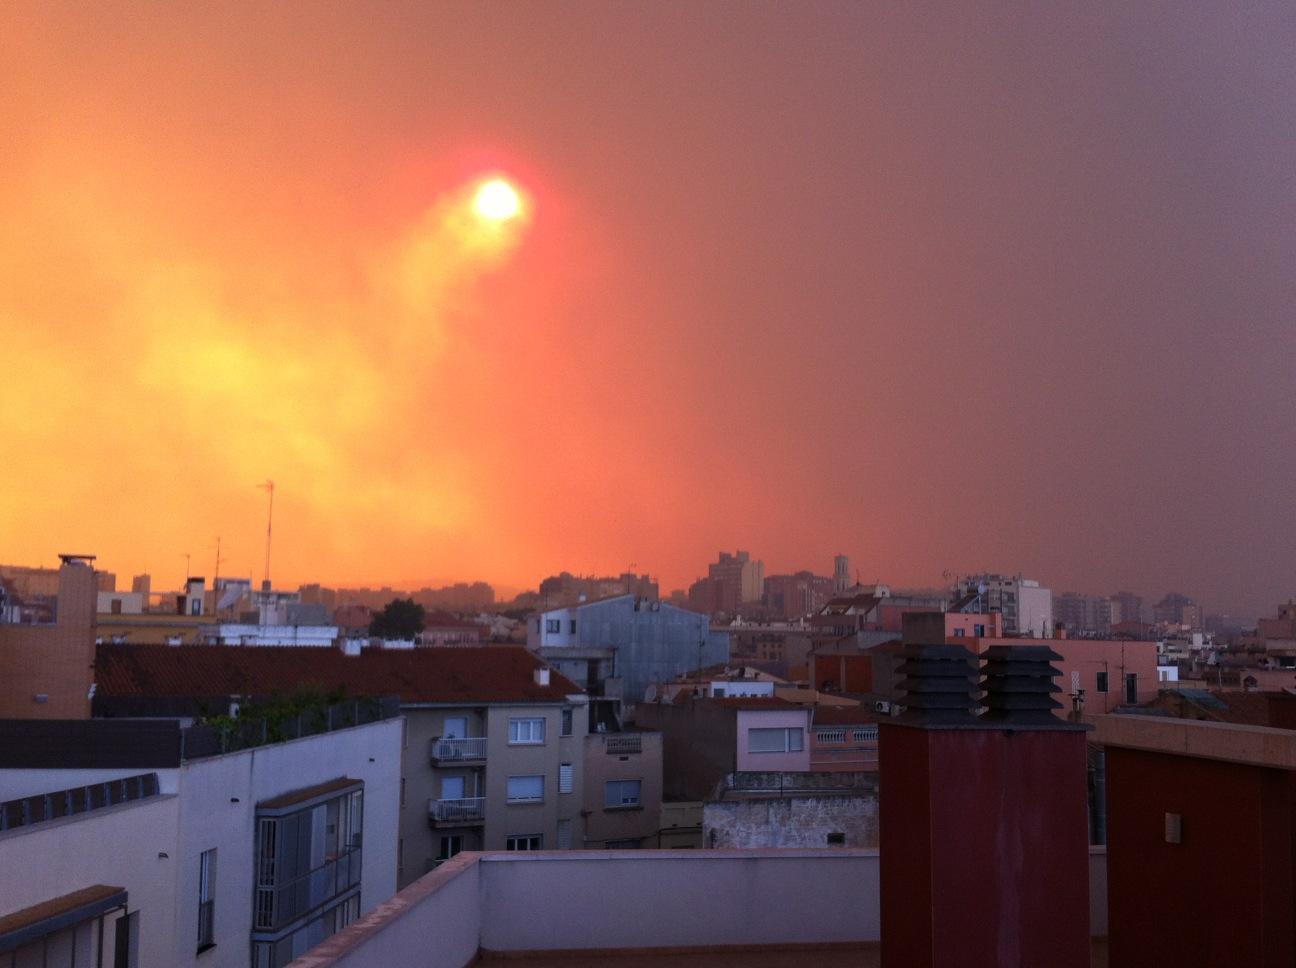 """RT """"@carlesarboli: Els barris del nord de Figueres són irrespirables #focemporda http://t.co/Ize5nF9F"""""""